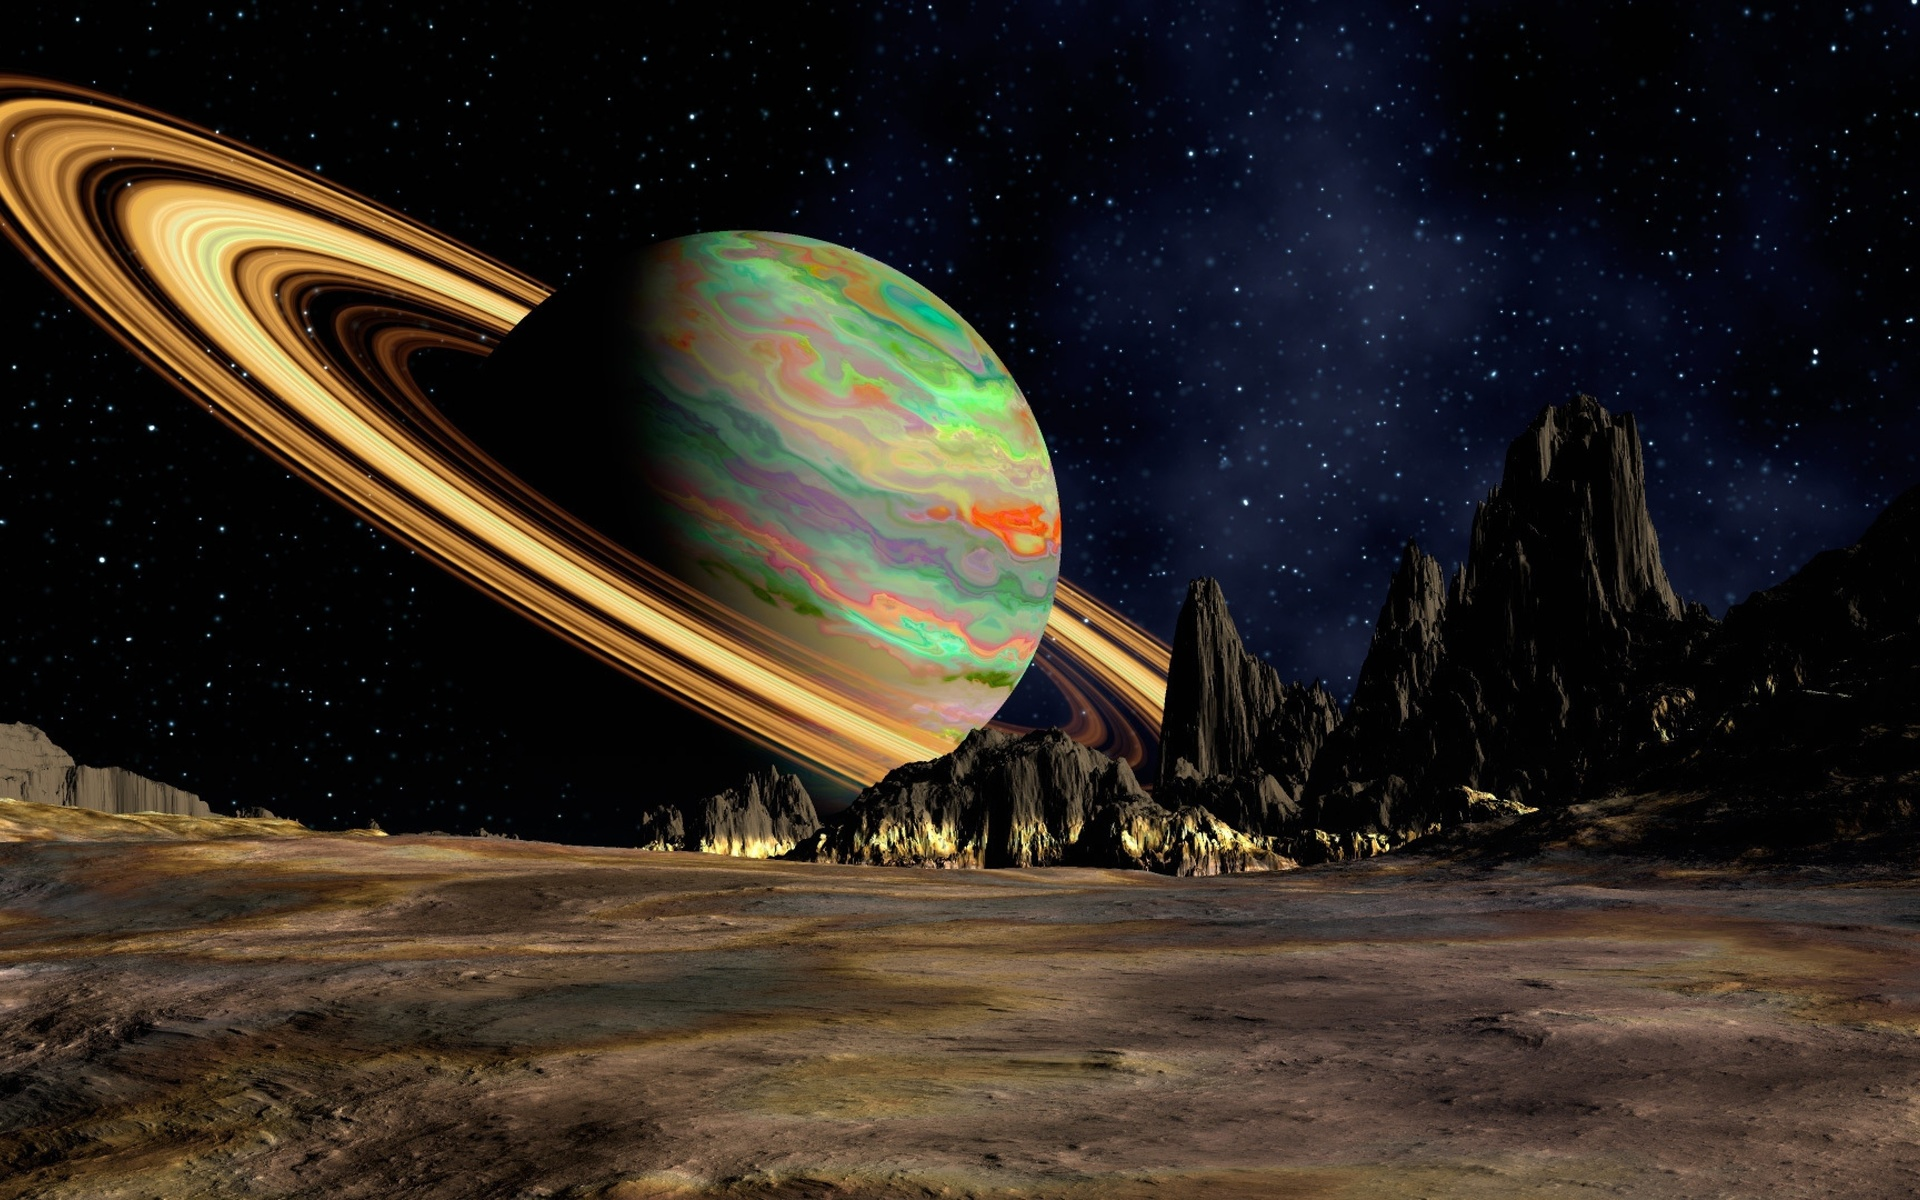 космос, обои для рабочего стола, земля плоская